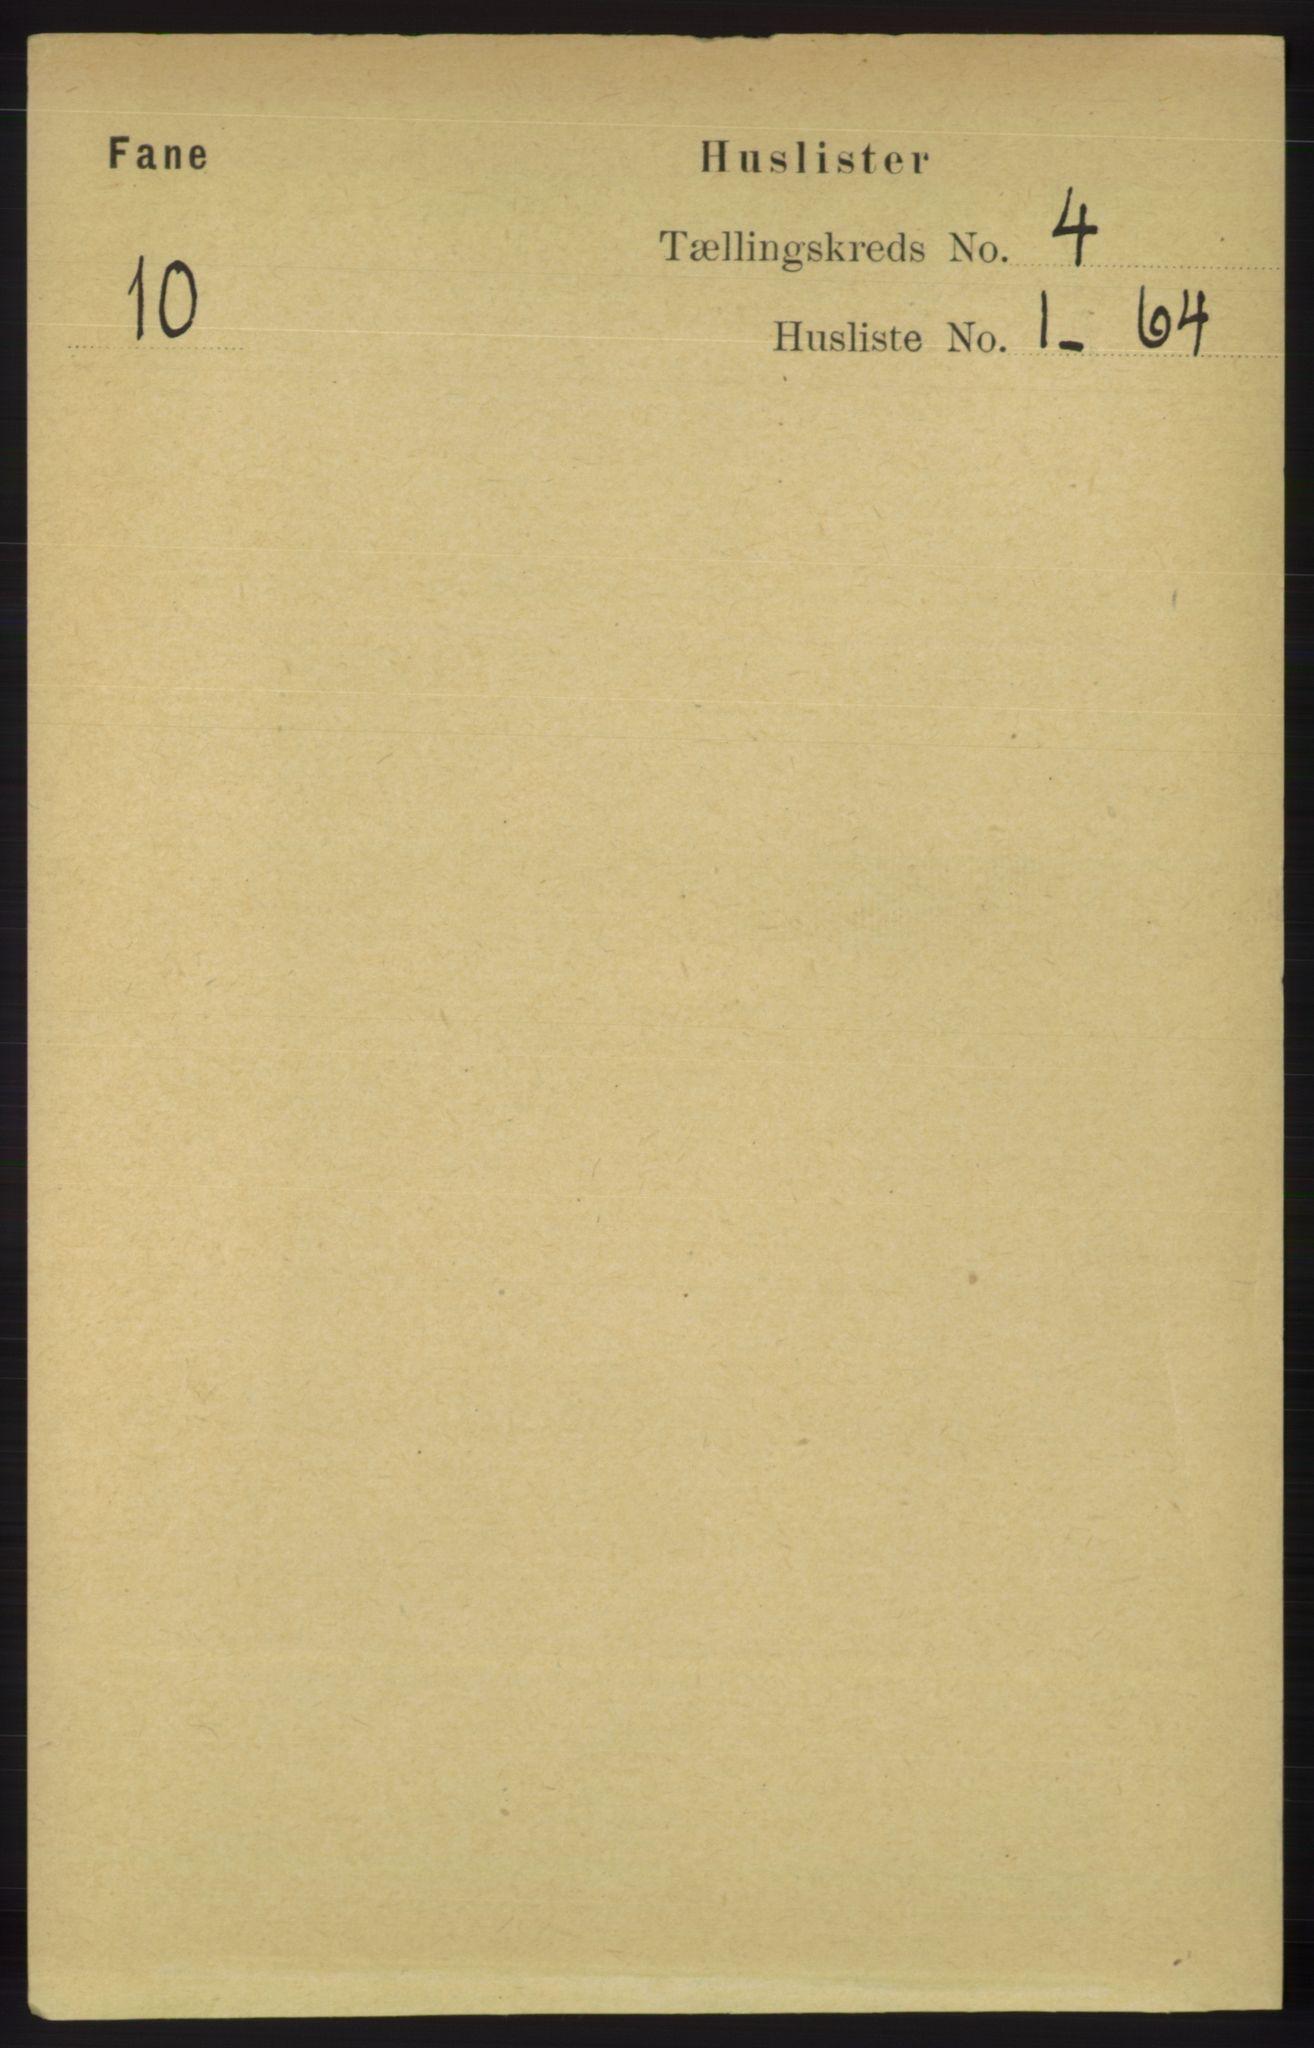 RA, Folketelling 1891 for 1249 Fana herred, 1891, s. 1527